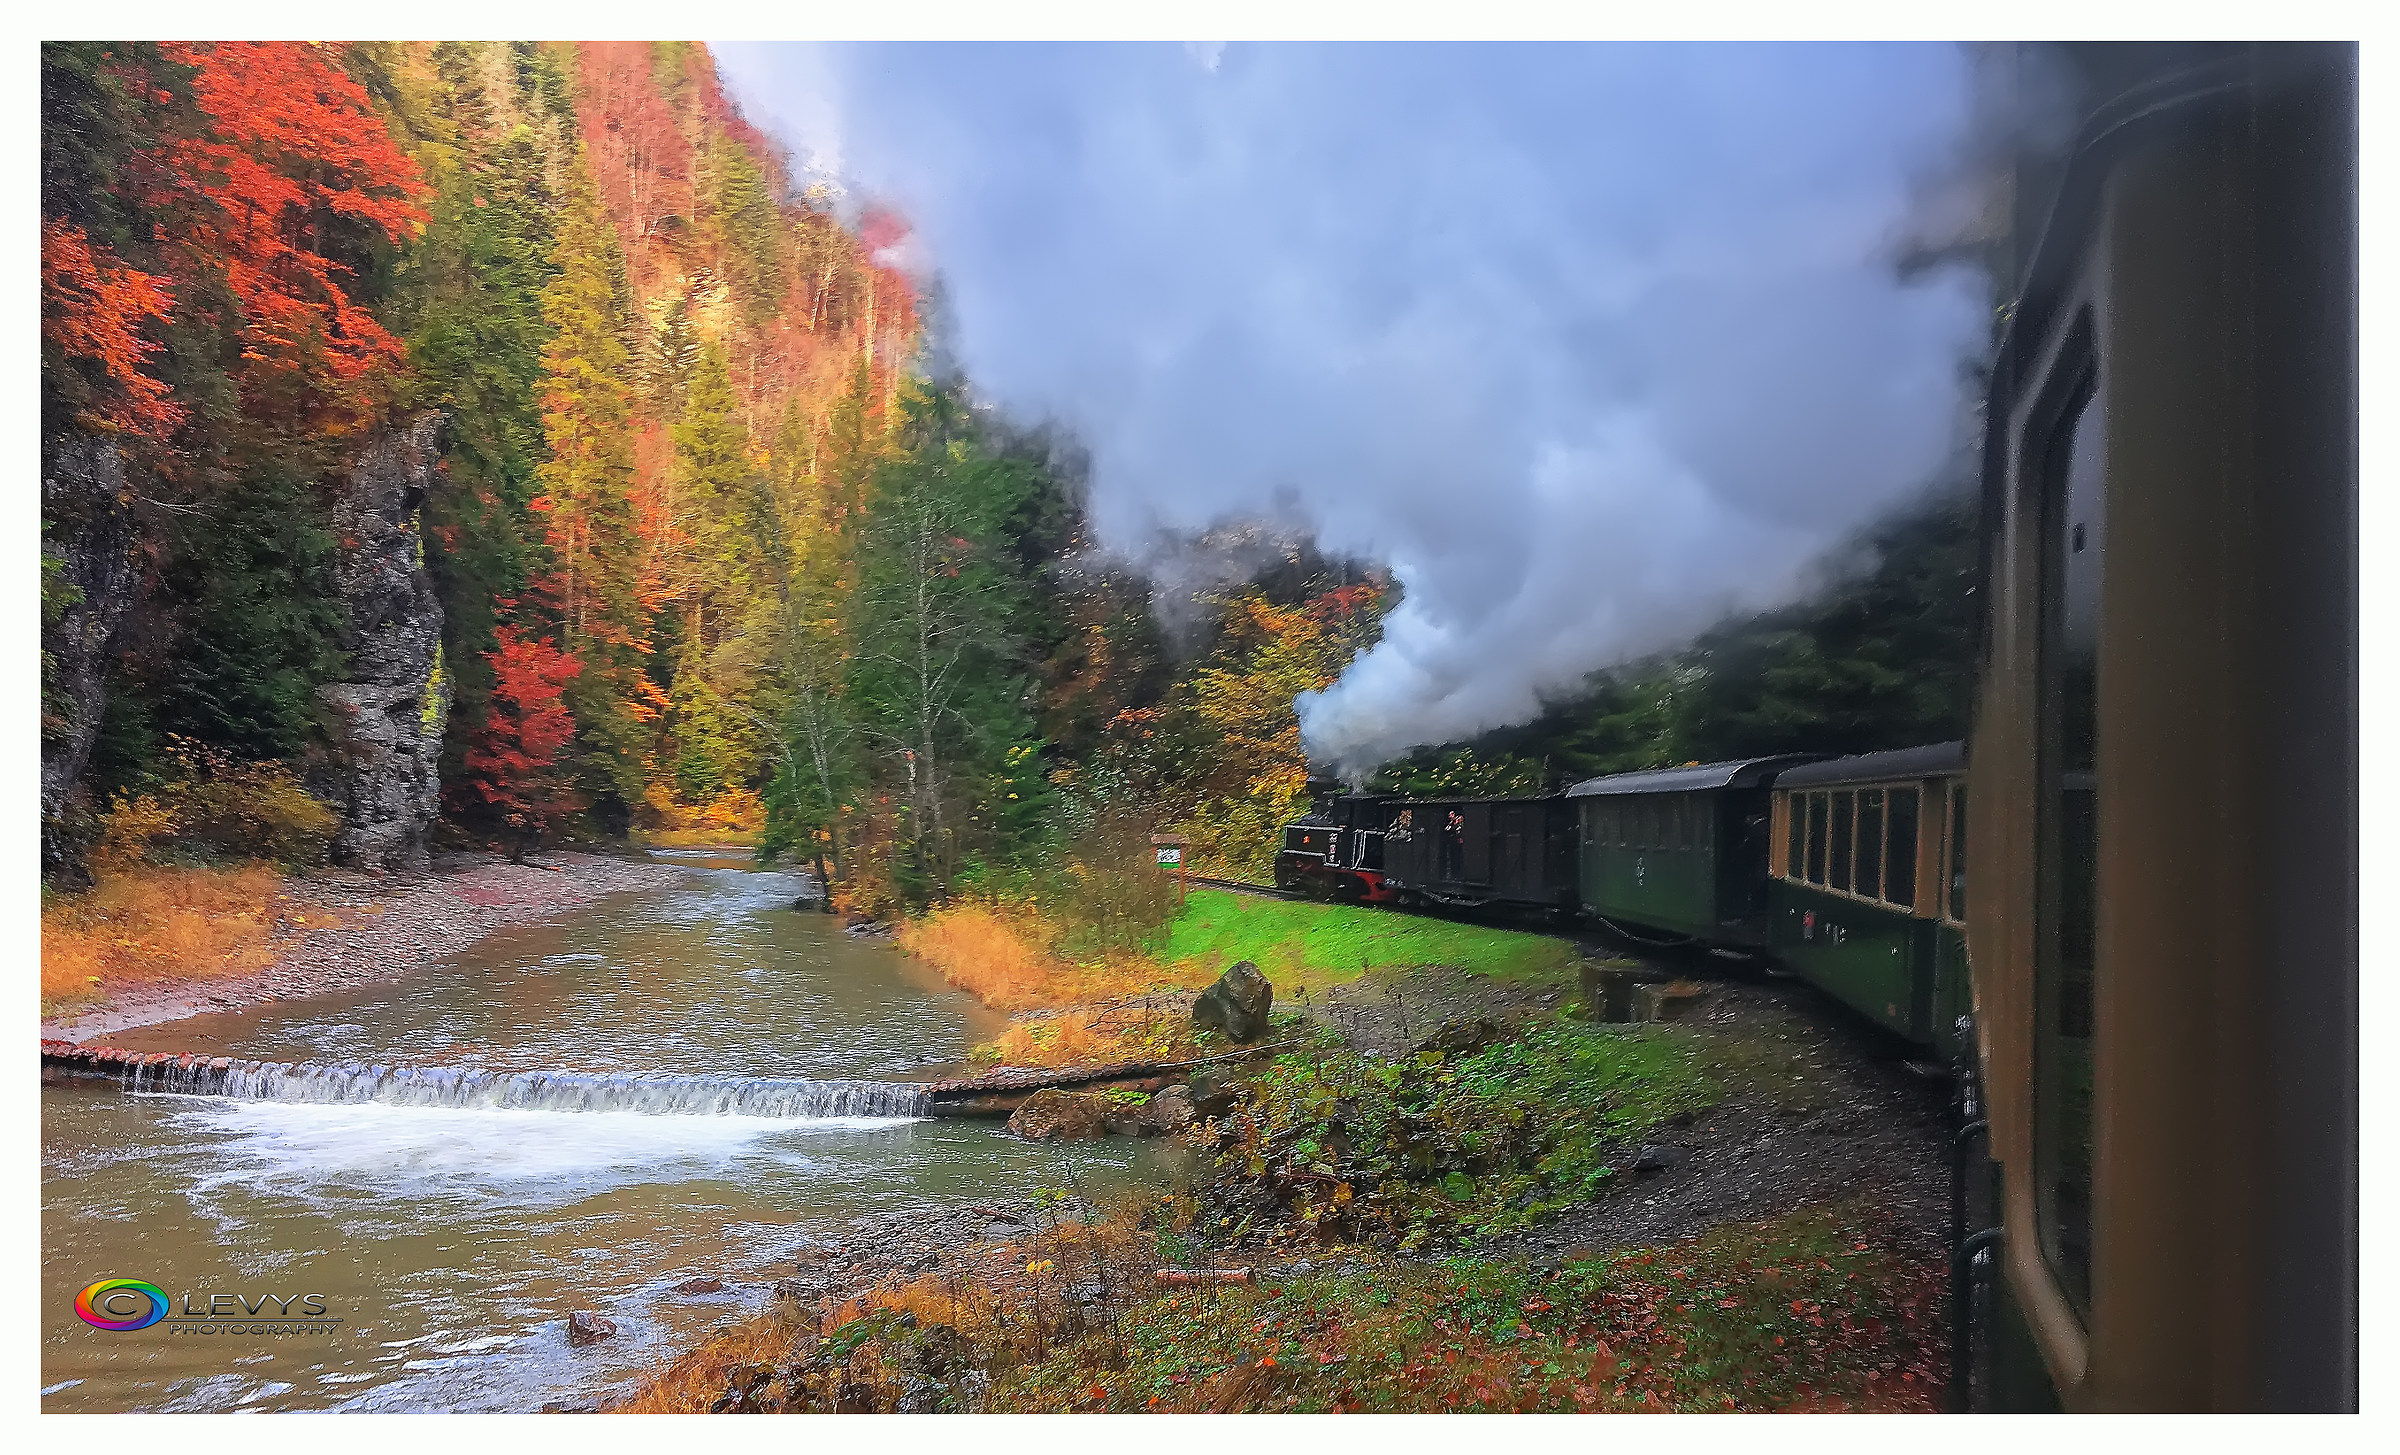 Un viaggio tra i meravigliosi colori dell'autunno...